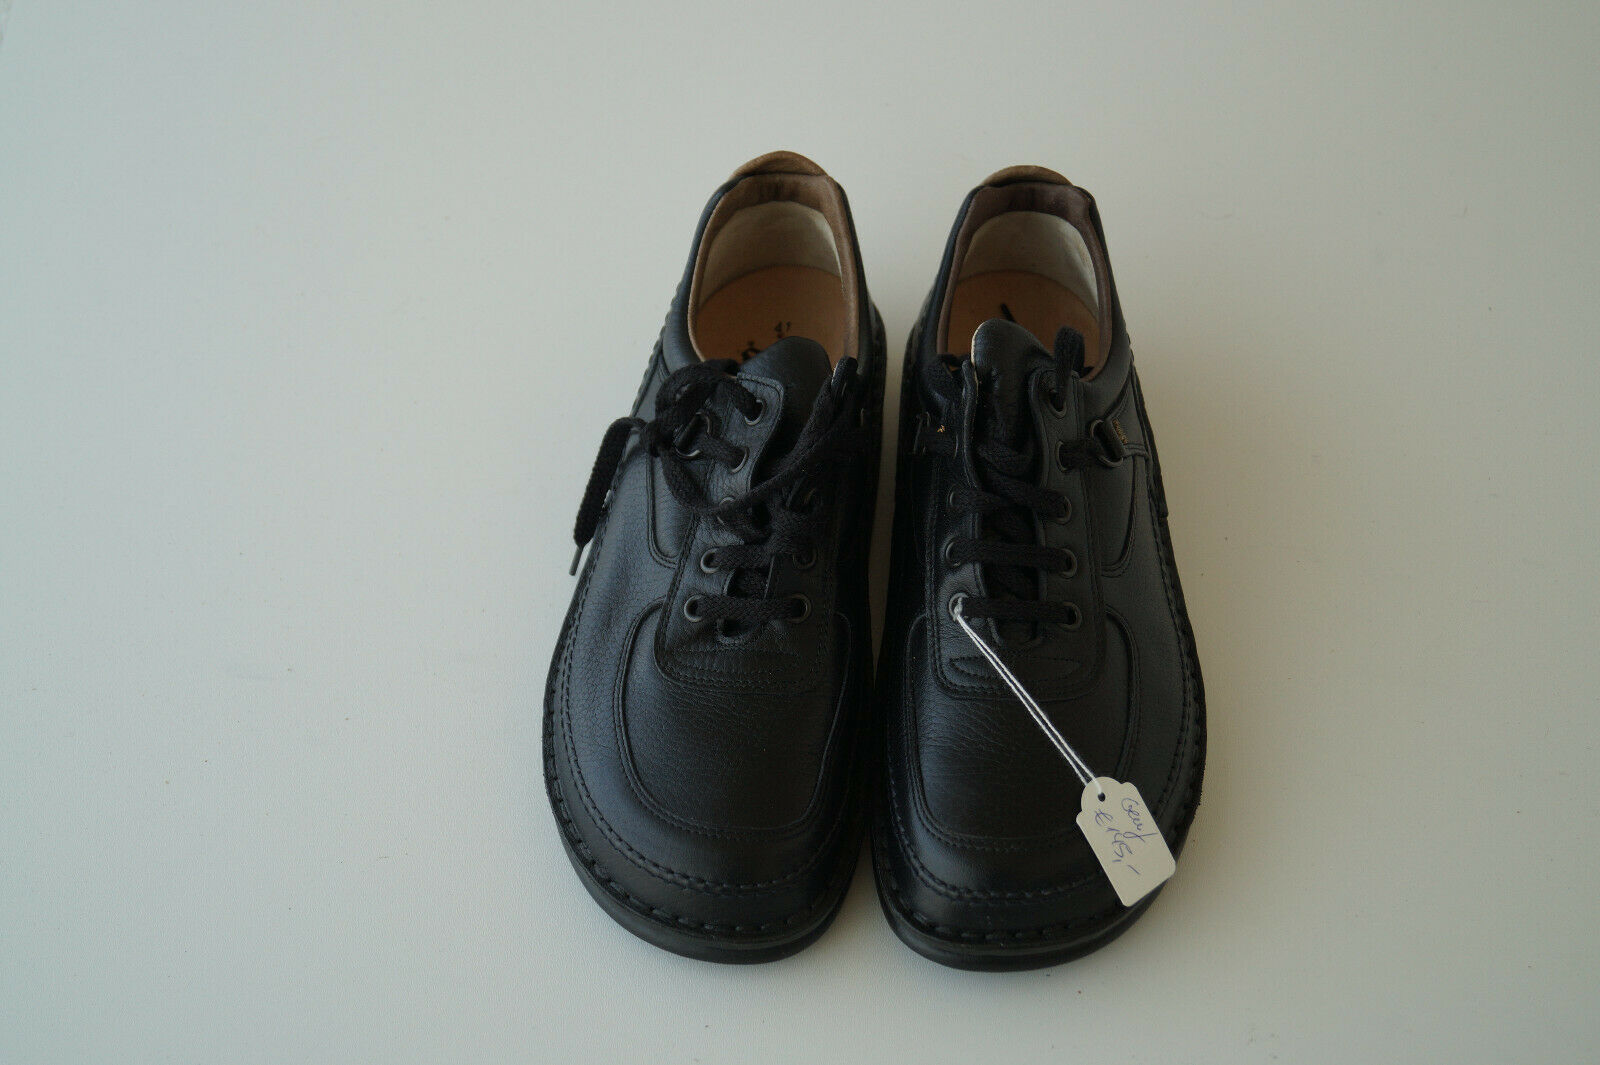 FINN COMFORT Genève Chaussures suede avec Dépôts taille 41 unisexe en cuir noir NEUF